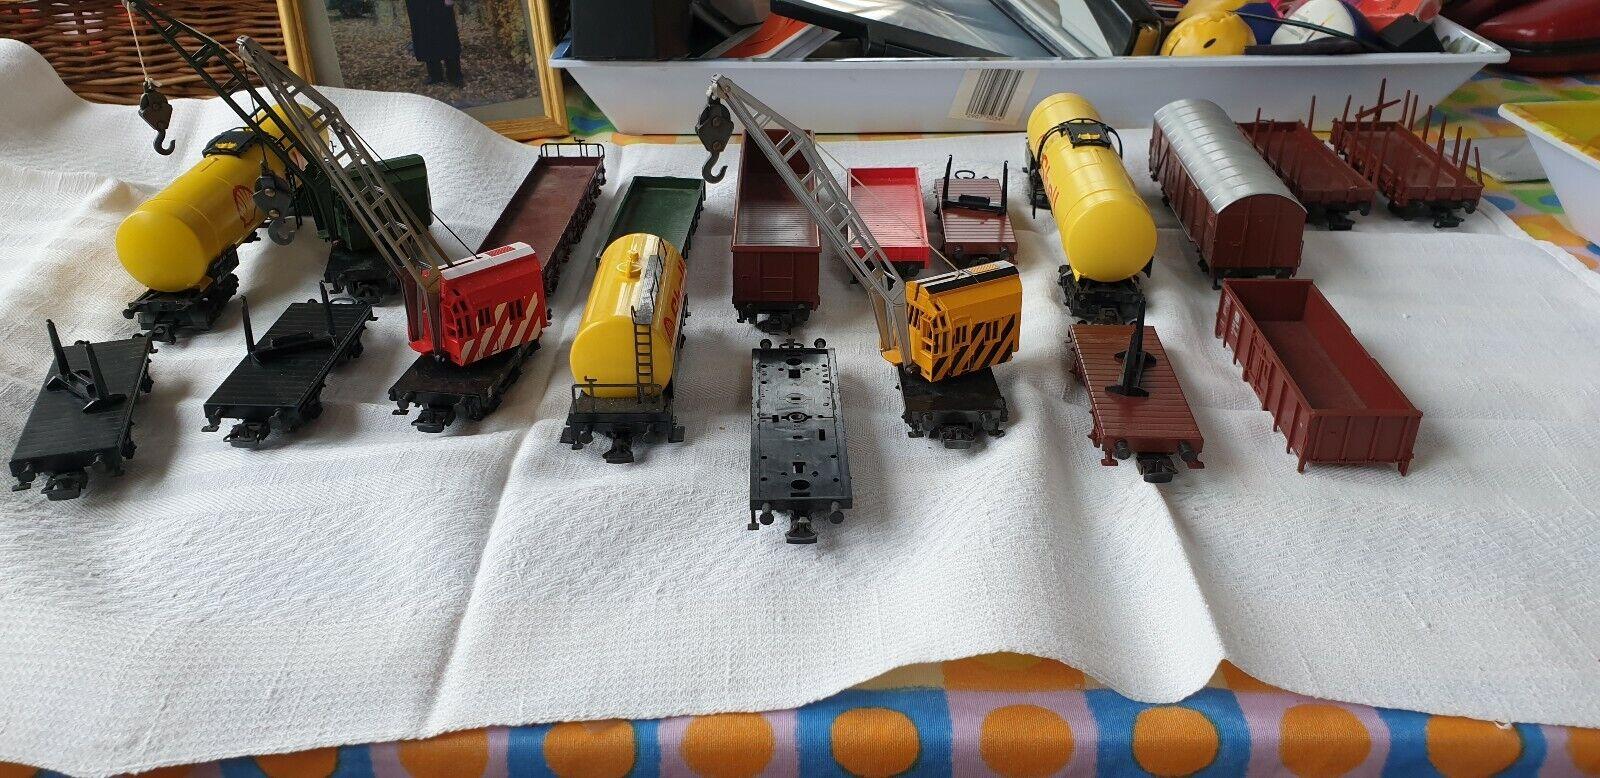 Gree COLLEZIONE marklin ferroviario autorello vagoni